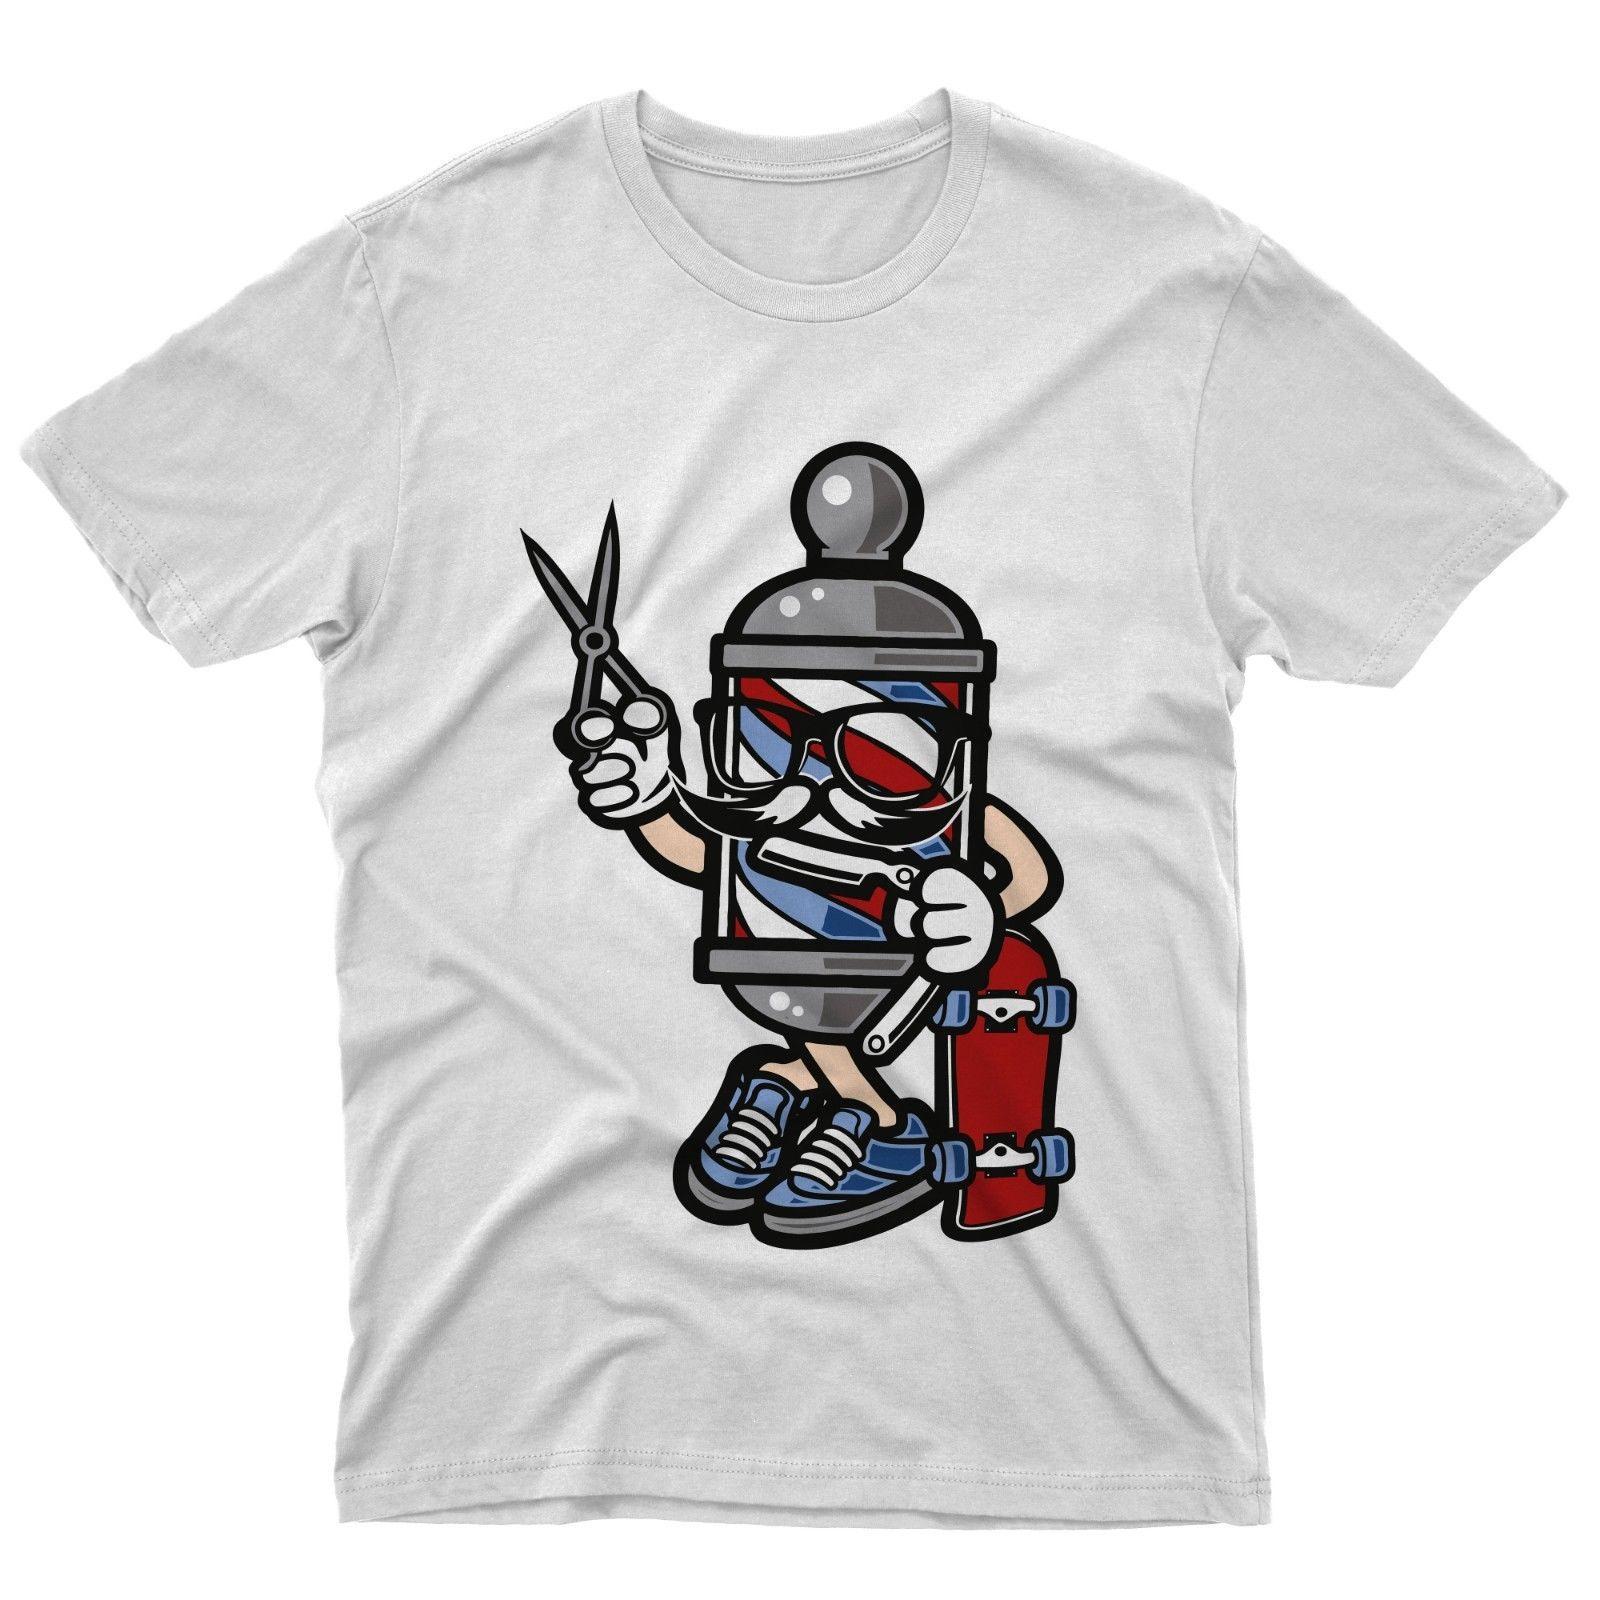 Camiseta Moda Tijeras Barbero Patinador Mujeres Gratis Animados Envío Fm10 Hombres Unisex Pelo Dibujos WrCodxeB